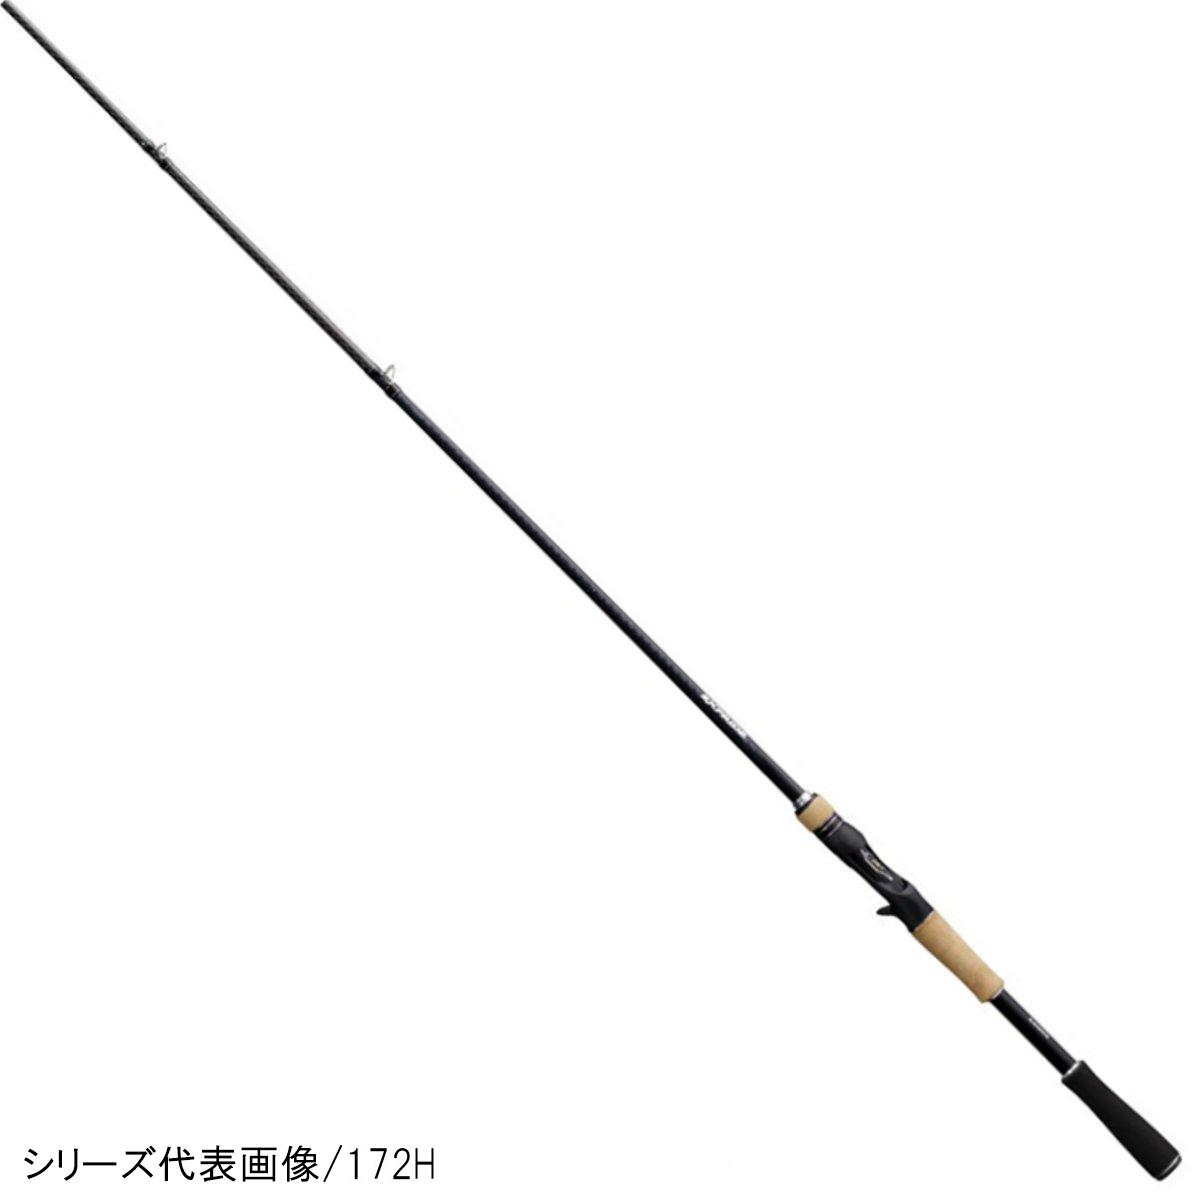 シマノ エクスプライド 172H-2(東日本店)